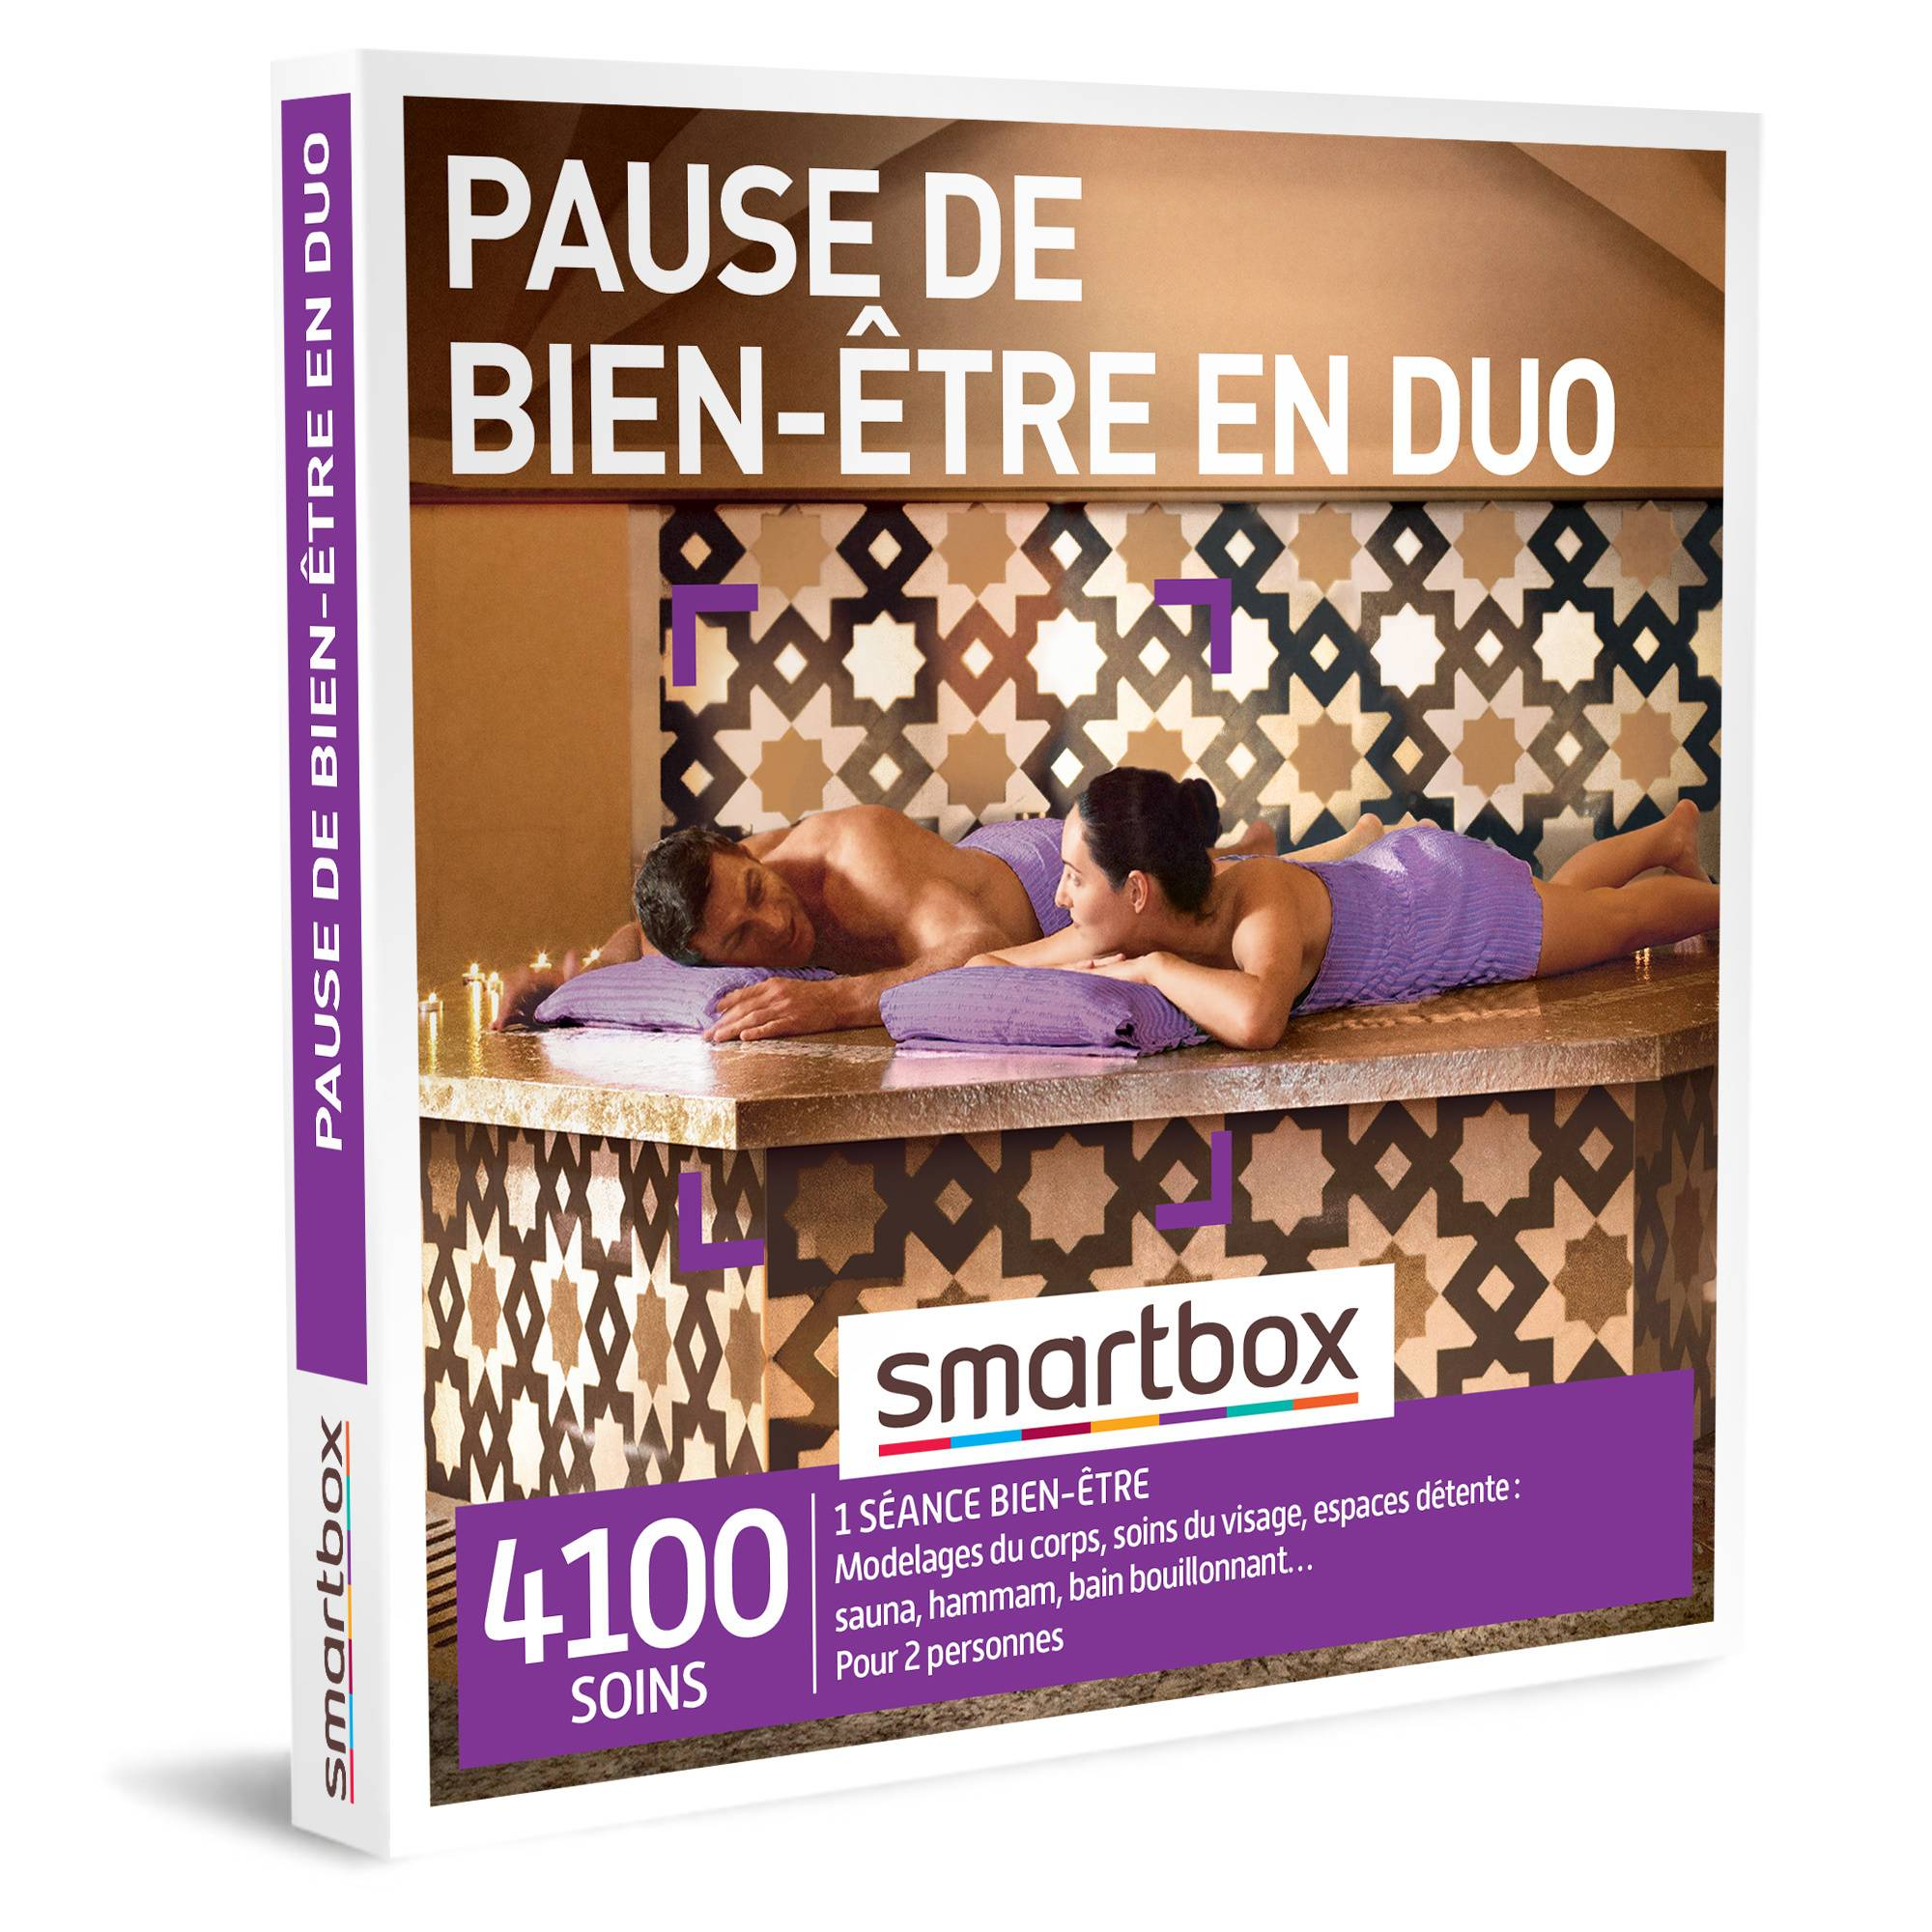 Smartbox Pause de bien-être en duo Coffret cadeau Smartbox